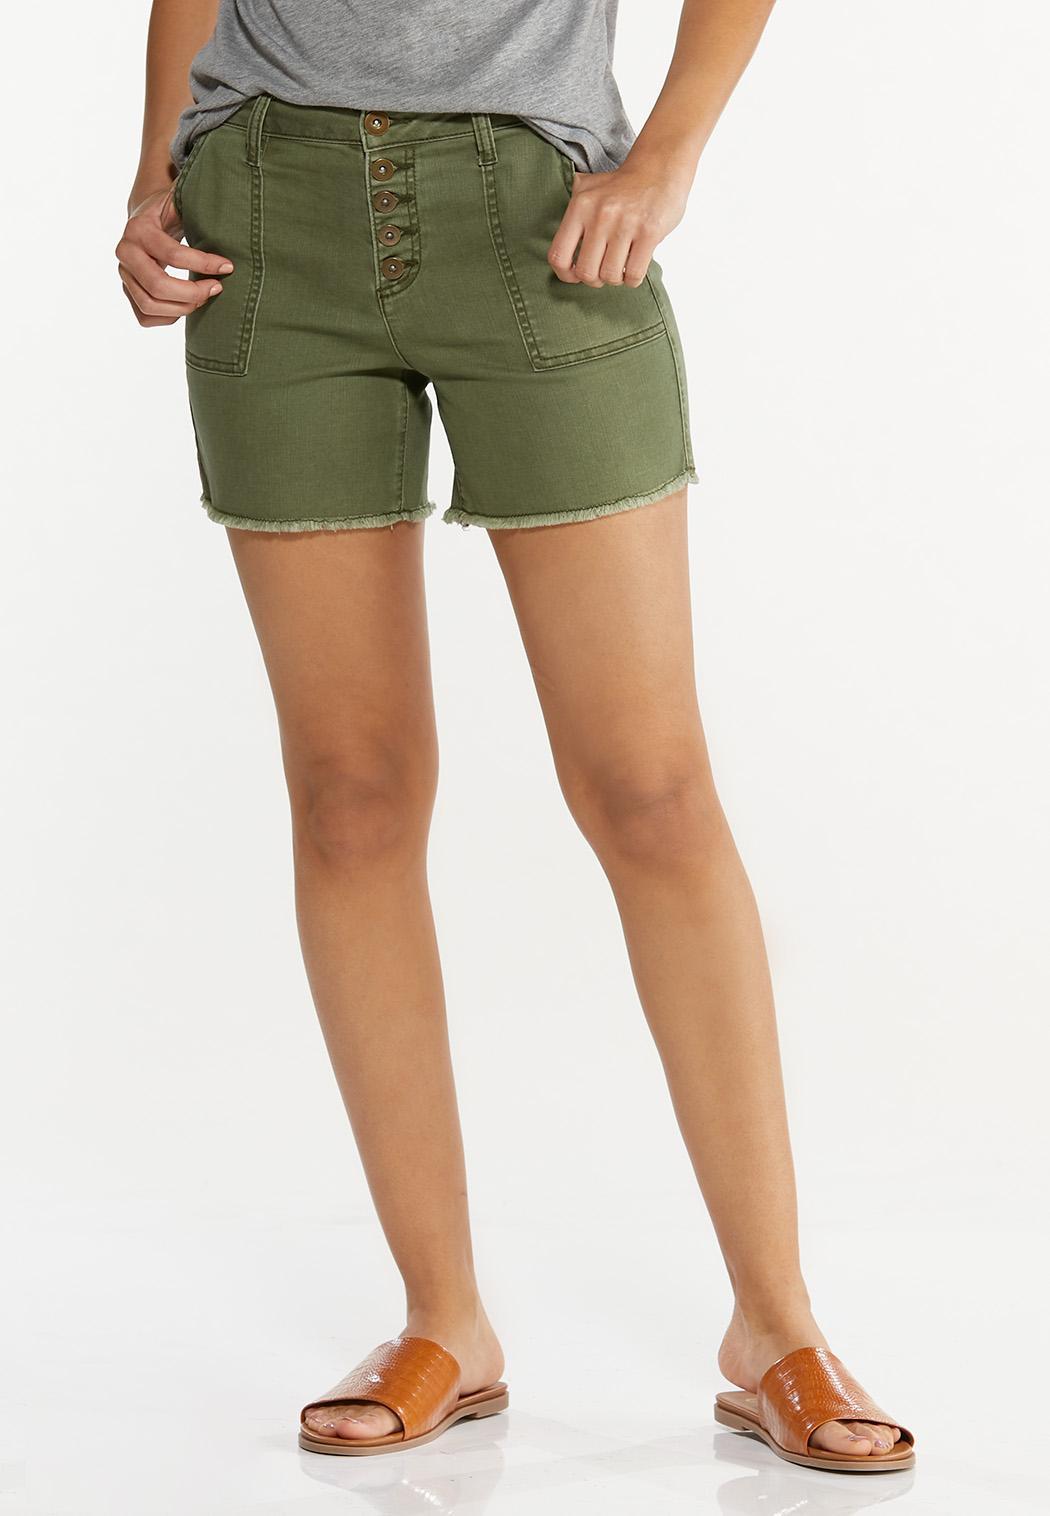 Olive Utility Denim Shorts